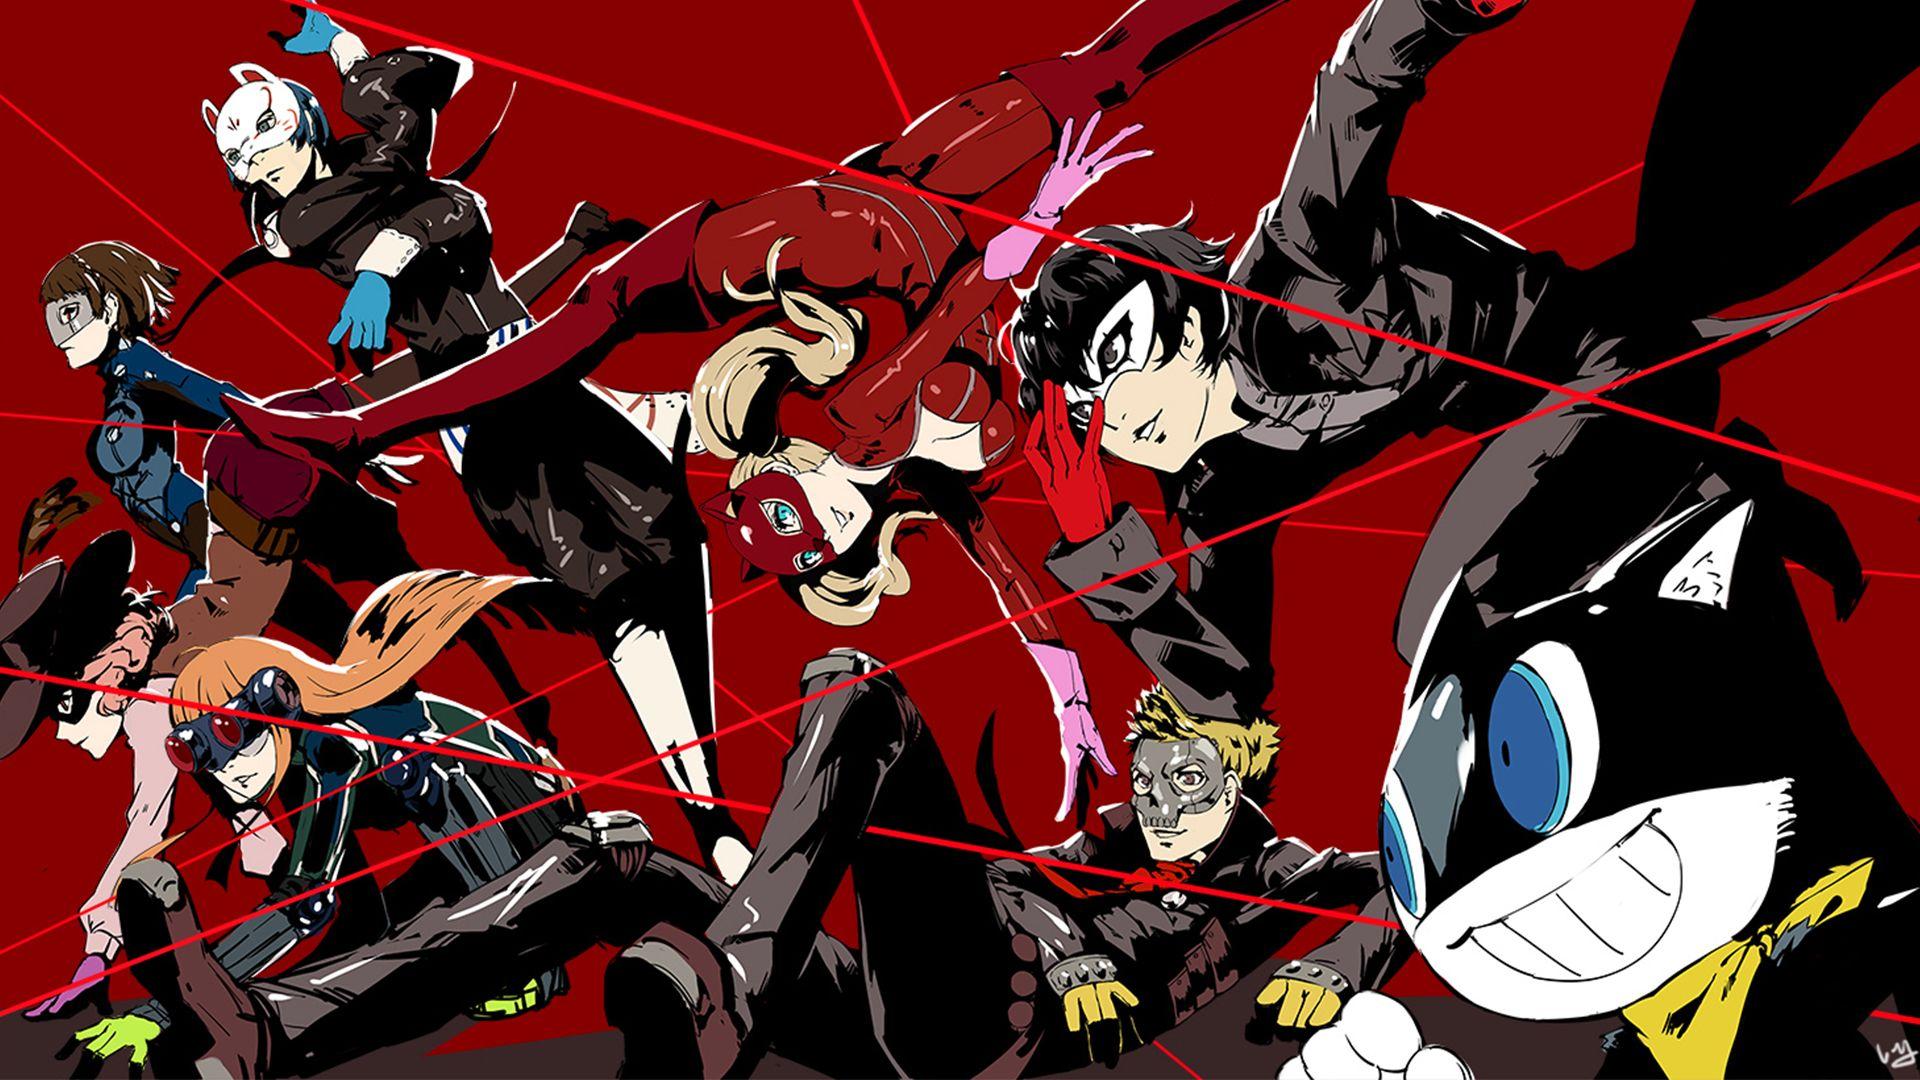 Persona 5 Strikers มากับตัวอย่างใหม่ พร้อมเตรียมวางจำหน่ายตัวเกมในเดือนกุมภาพันธ์นี้!